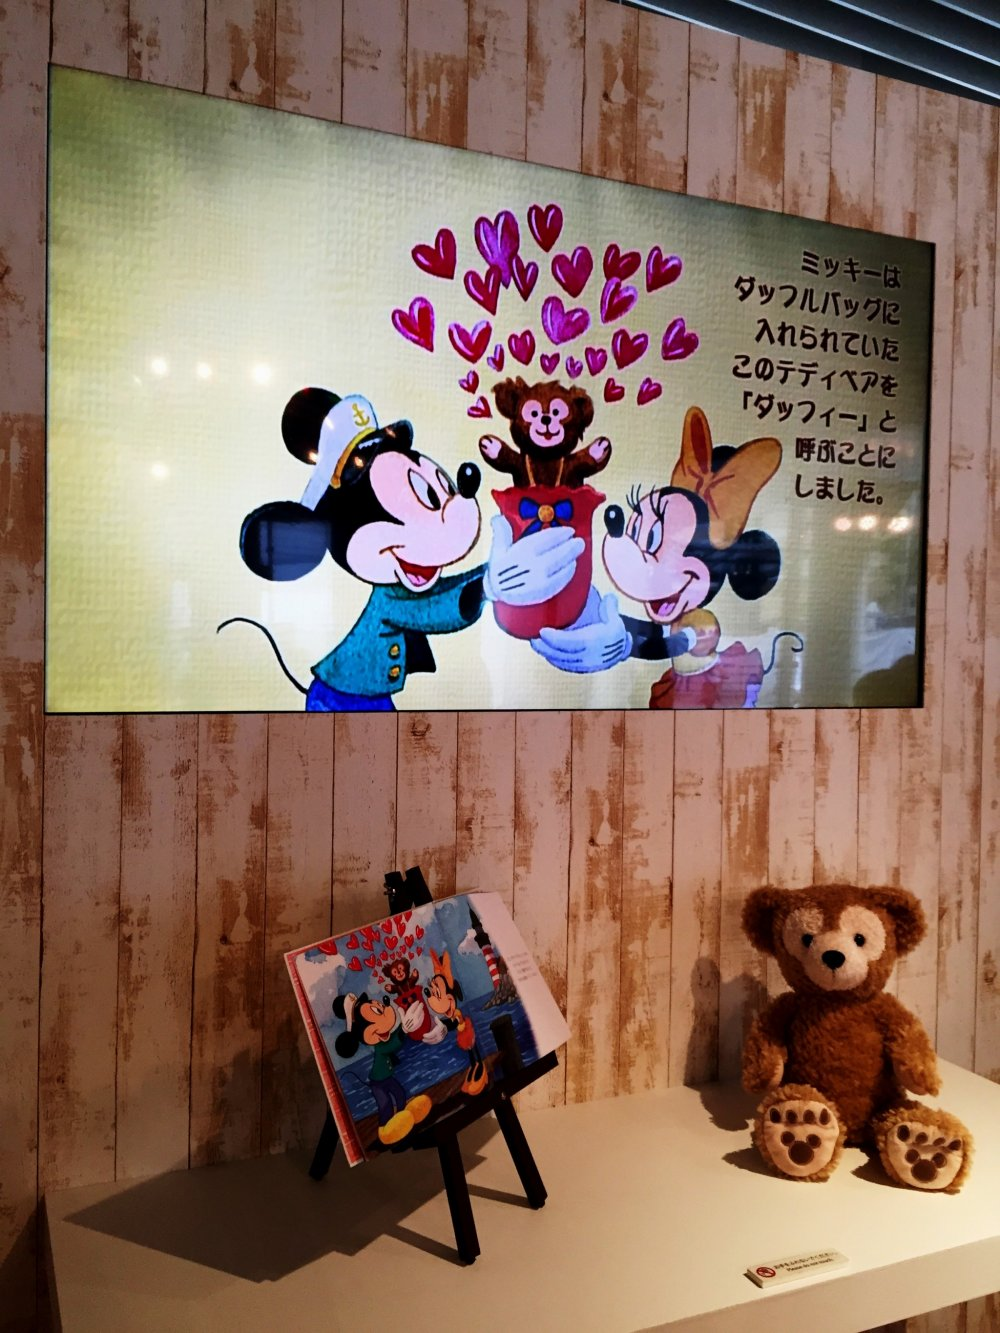 История о том, как Минни Маус подарила Микки собственноручно сшитого игрушечного медвежонка